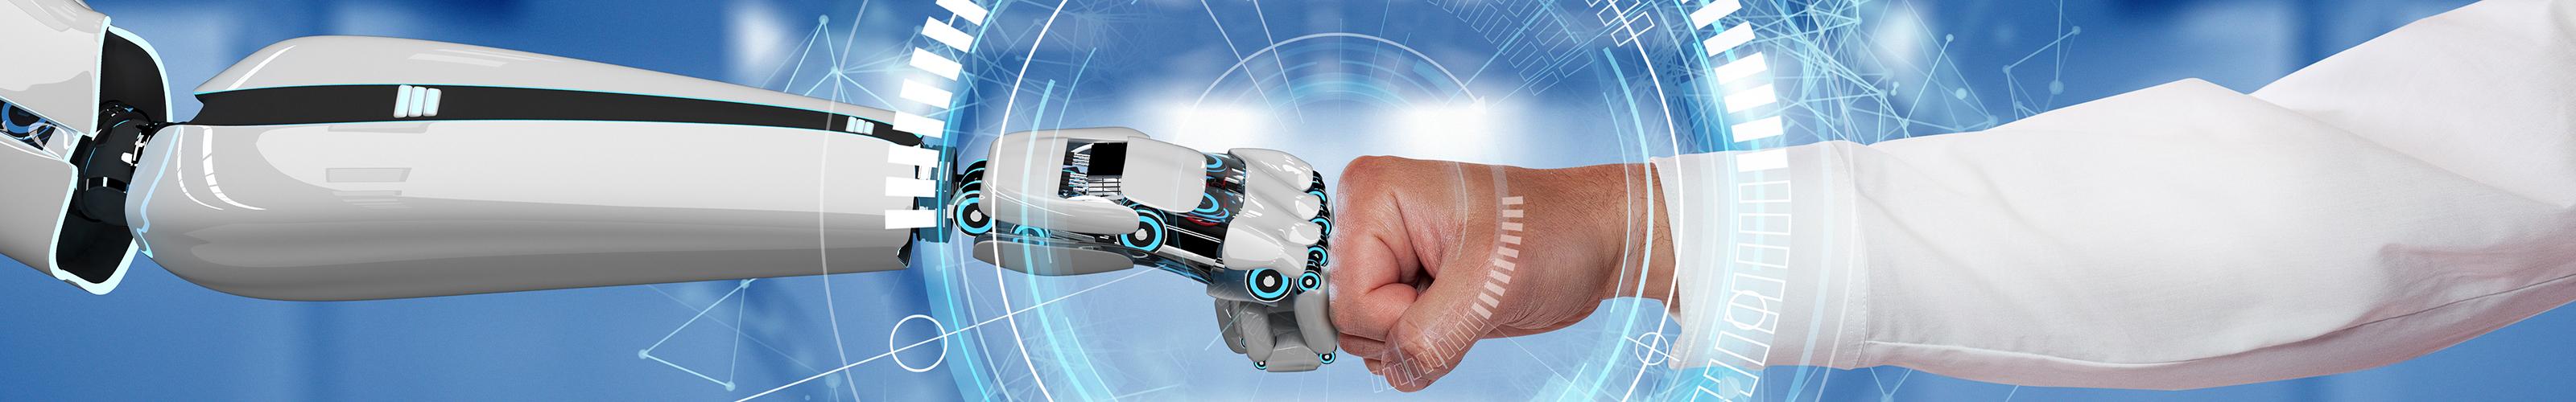 Roboter - Mensch